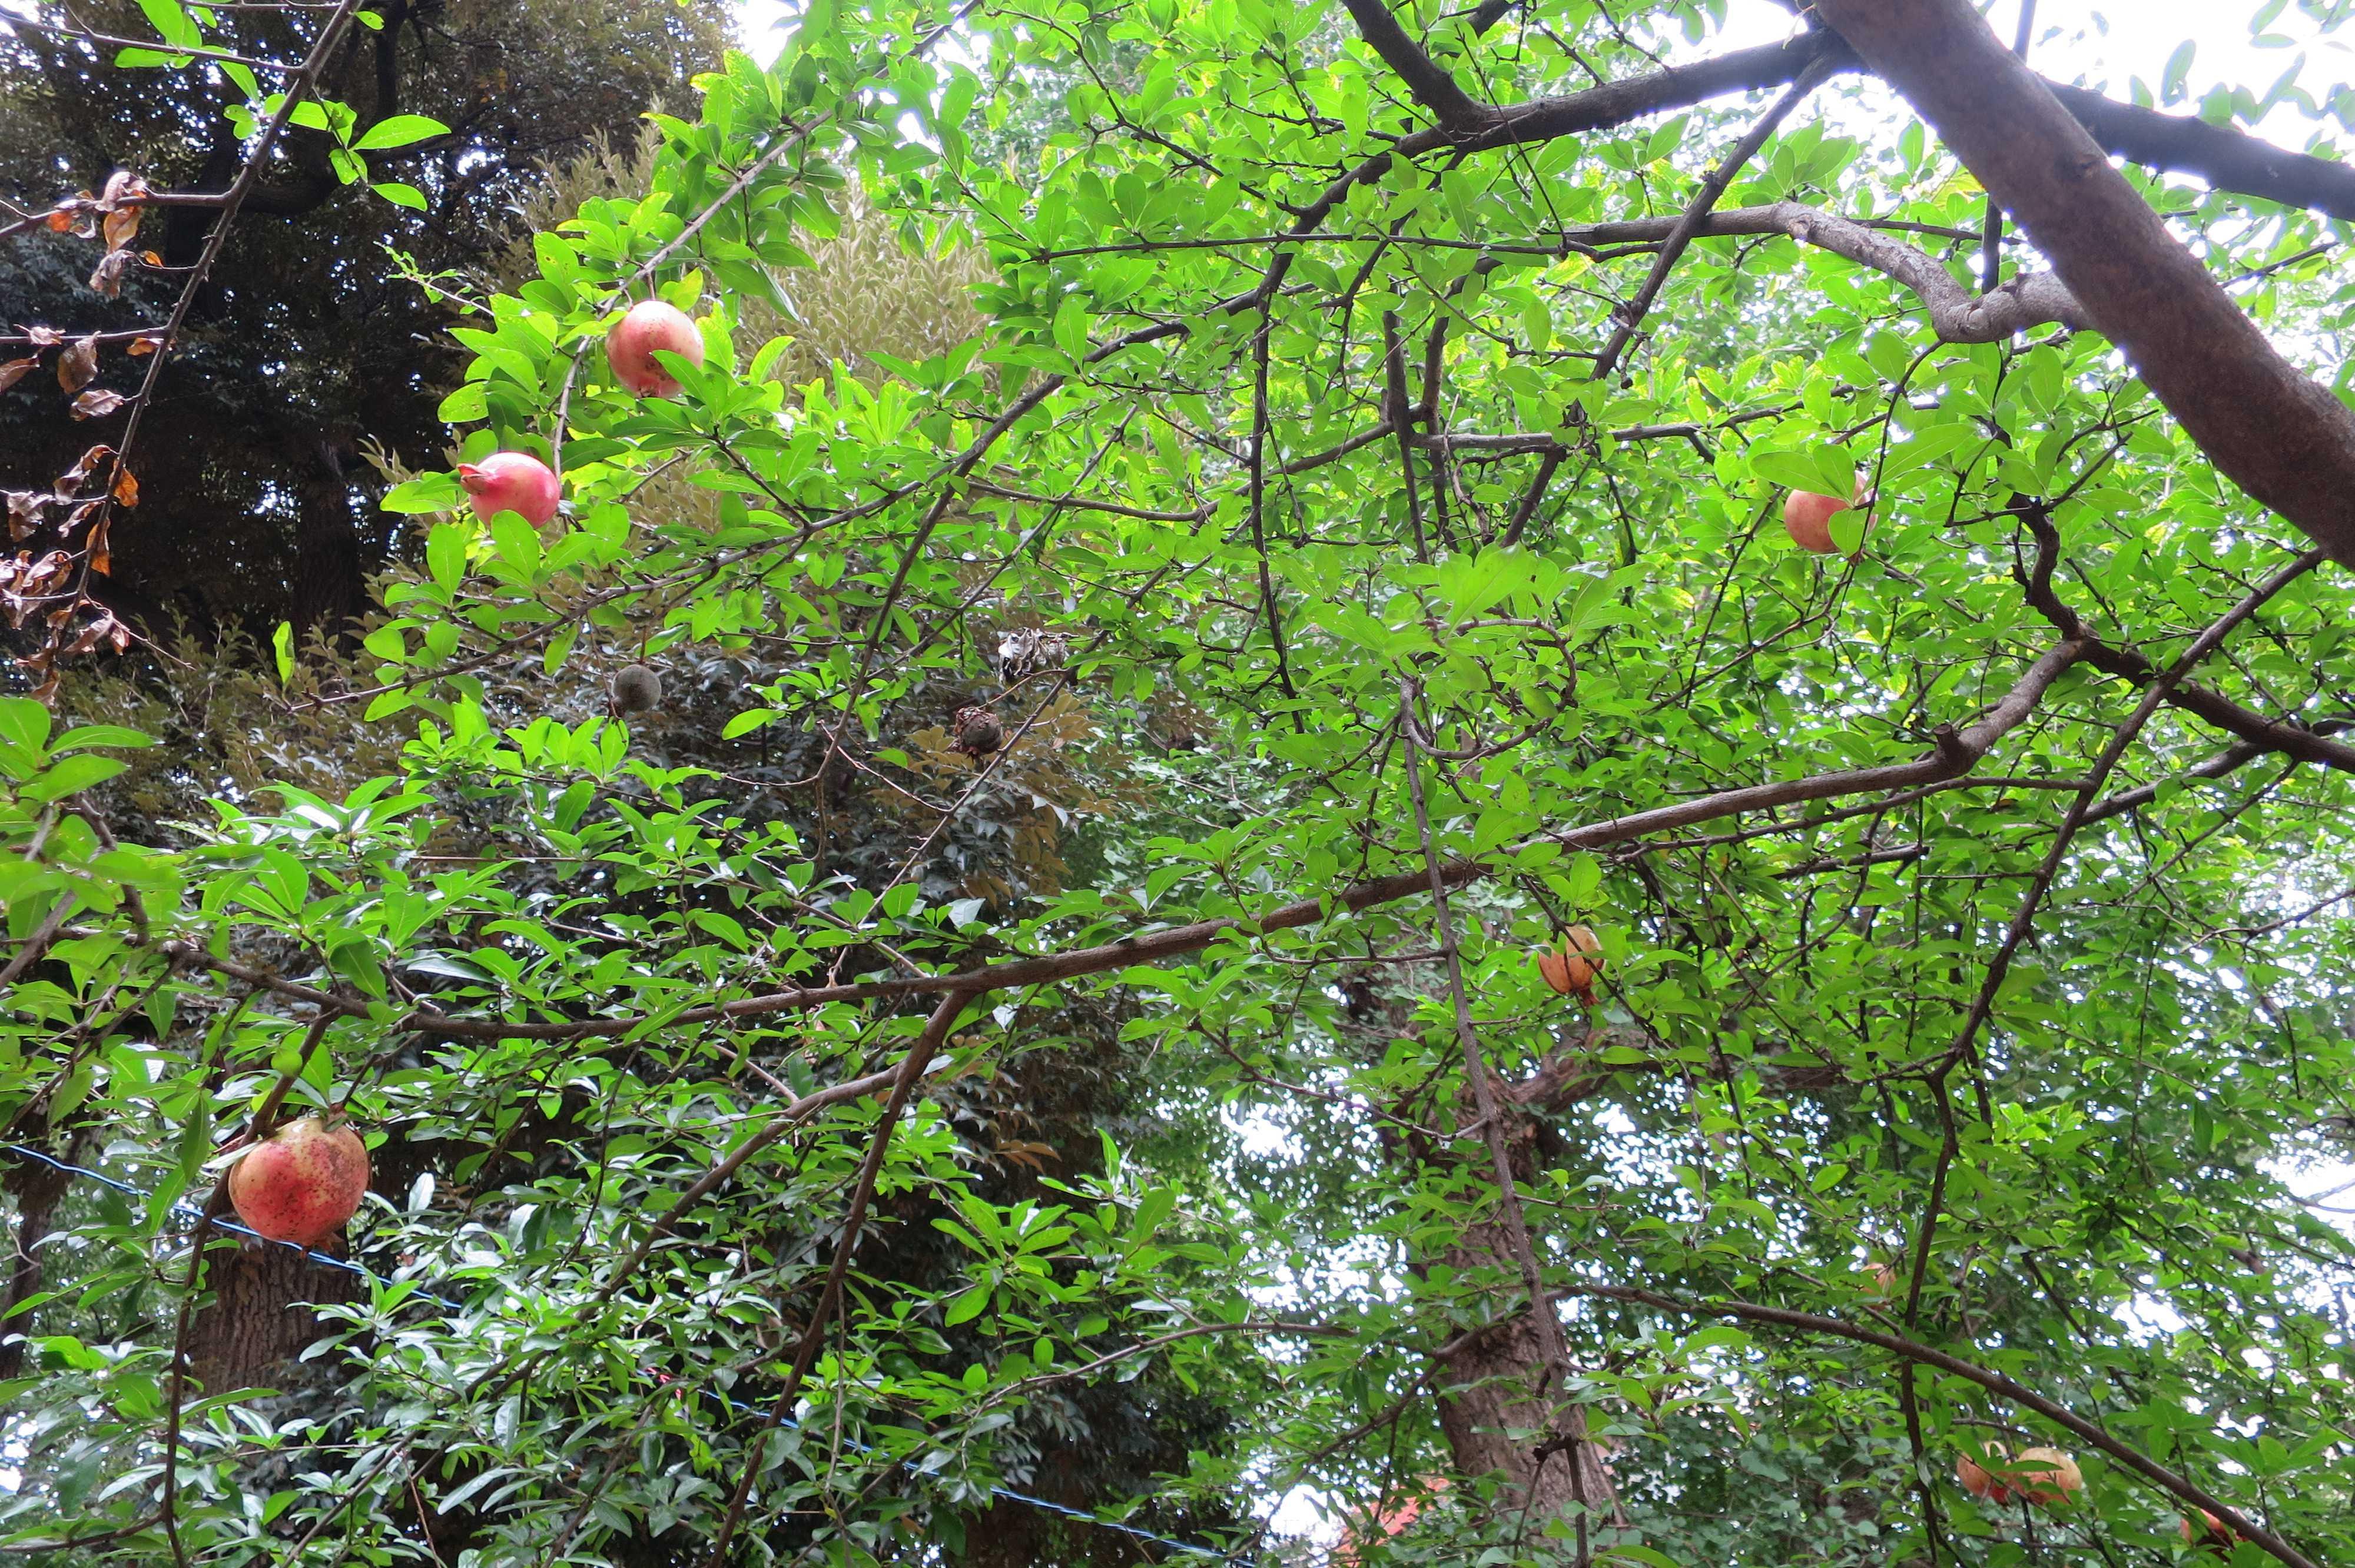 東京 雑司が谷・鬼子母神堂 - ザクロの葉の緑